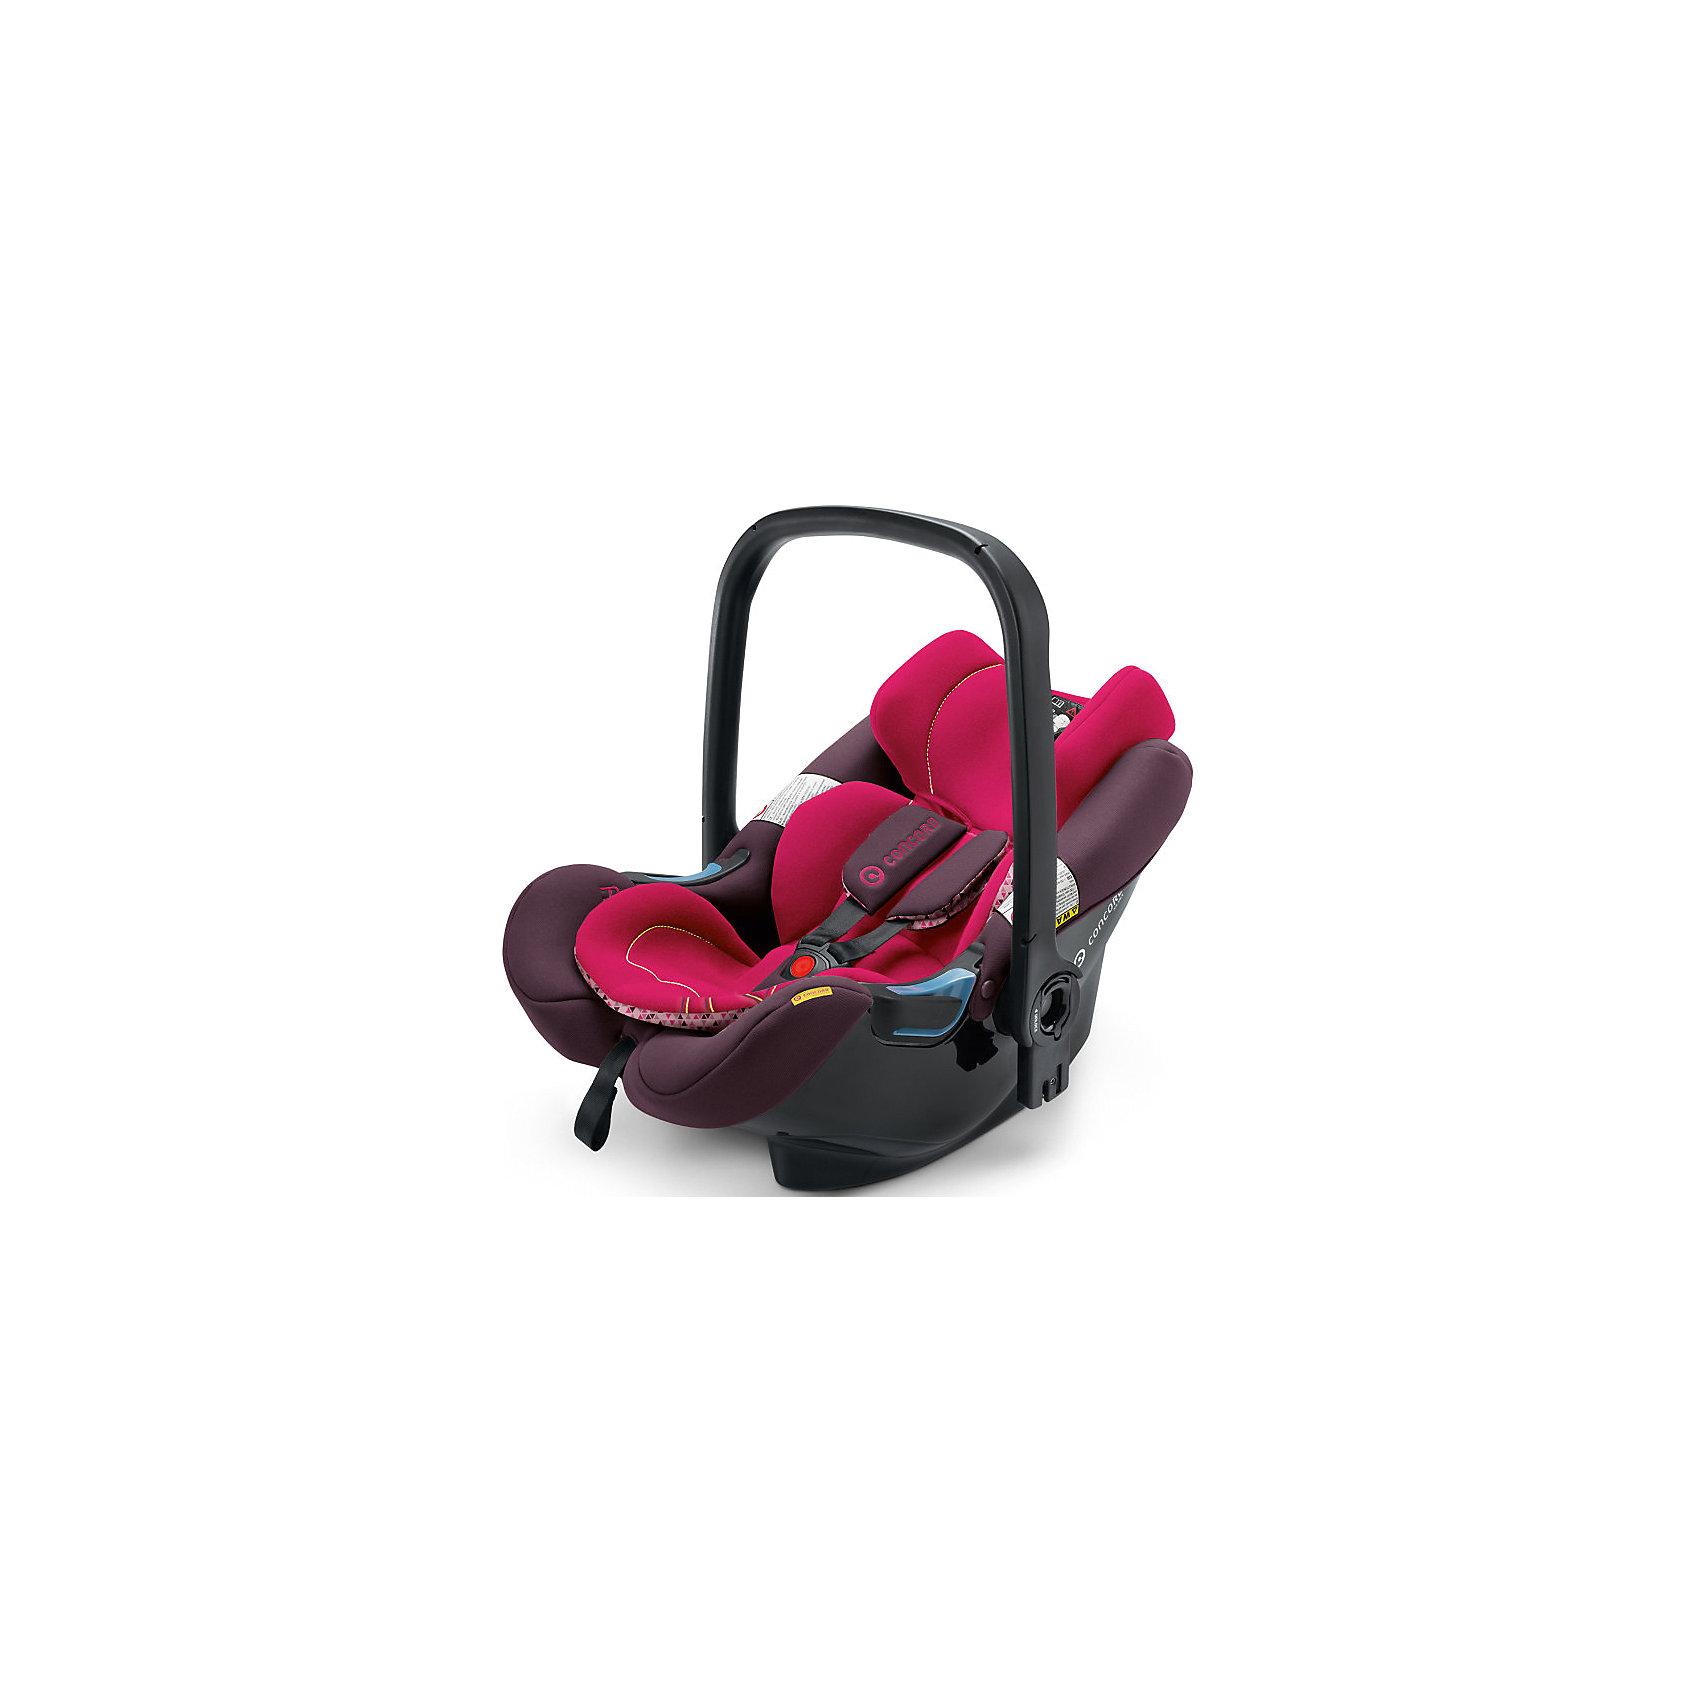 Автокресло Concord Air.Safe, 0-13кг, Rose Pink 2016Группа 0+ (До 13 кг)<br>Автокресло Air.Safe, 0-13кг., Concord, Rose Pink 2016 - модель, отличающаяся малым весом, высоким качеством и усиленной боковой защитой.<br>Автокресло Air.Safe, Concord – лучшая гарантия безопасности Вашего малыша время поездок в автомобиле. Вес автокресла составляет всего 2,9 кг, что является практически рекордом в своем классе. Сотовая структура каркаса автокресла обеспечивает максимально возможную прочность, а вентиляционные отверстия в корпусе кресла гарантируют оптимальный микроклимат. Высокие прочные боковые стенки обеспечивают надежную защиту малыша от боковых ударов. Сиденье автокресла выполнено в виде глубокой эргономичной чаши, благодаря чему положение Вашего малыша будет абсолютно естественным и комфортным. Подголовник имеет 3 положения по высоте. 3-х точечные ремни безопасности с мягкими накладками регулируются одновременно с подголовником. Длина ремней регулируется нажатием одной кнопки на передней части автокресла. Специальный мягкий вкладыш поддерживает область таза малыша. Ручку для переноски можно зафиксировать в нескольких положениях. Имеется встроенный козырек от солнца (UV50+) с водоотталкивающим покрытием. Автокресло устанавливается только против хода движения автомобиля. Крепится с помощью трехточечного ремня безопасности автомобиля (для безопасности и удобства все места, где должен правильно проходить фиксирующий ремень, выполнены специально из синего пластика). Для большей степени безопасности, для автокресла предусмотрена платформа (база Isofix – приобретается отдельно) - Concord AirFix Base. Однако и без базы кресло показывает отличный результат по безопасности на краш-тестах ADAC. Благодаря удобной изогнутой форме, автокресло можно использовать как шезлонг дома.<br><br>Дополнительная информация:<br><br>- Группа 0+ (0-13 кг)<br>- Размер: 63х44х57 см.<br>- Вес: 2,9 кг.<br>- Обивка: мягкий дышащий гипоаллергенный материал<br>- Устанавливается на рамы колясок от Concord